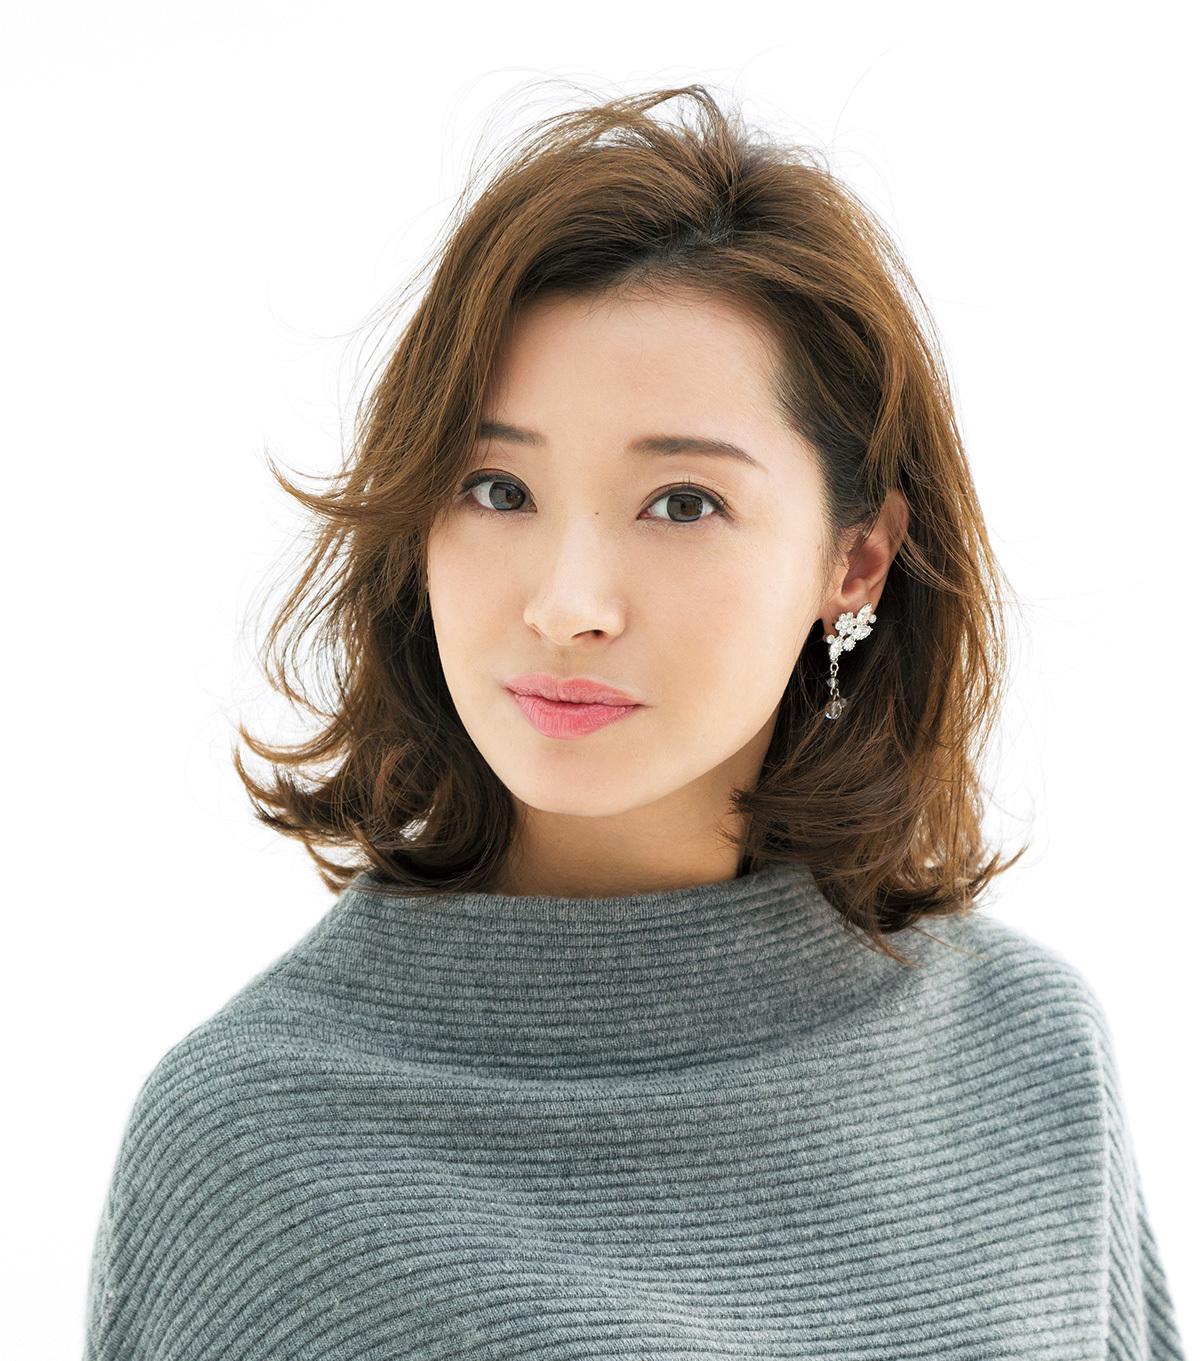 「+ワンテク」で魅せる最新ミディアムスタイル【40代のミディアムヘア】_1_1